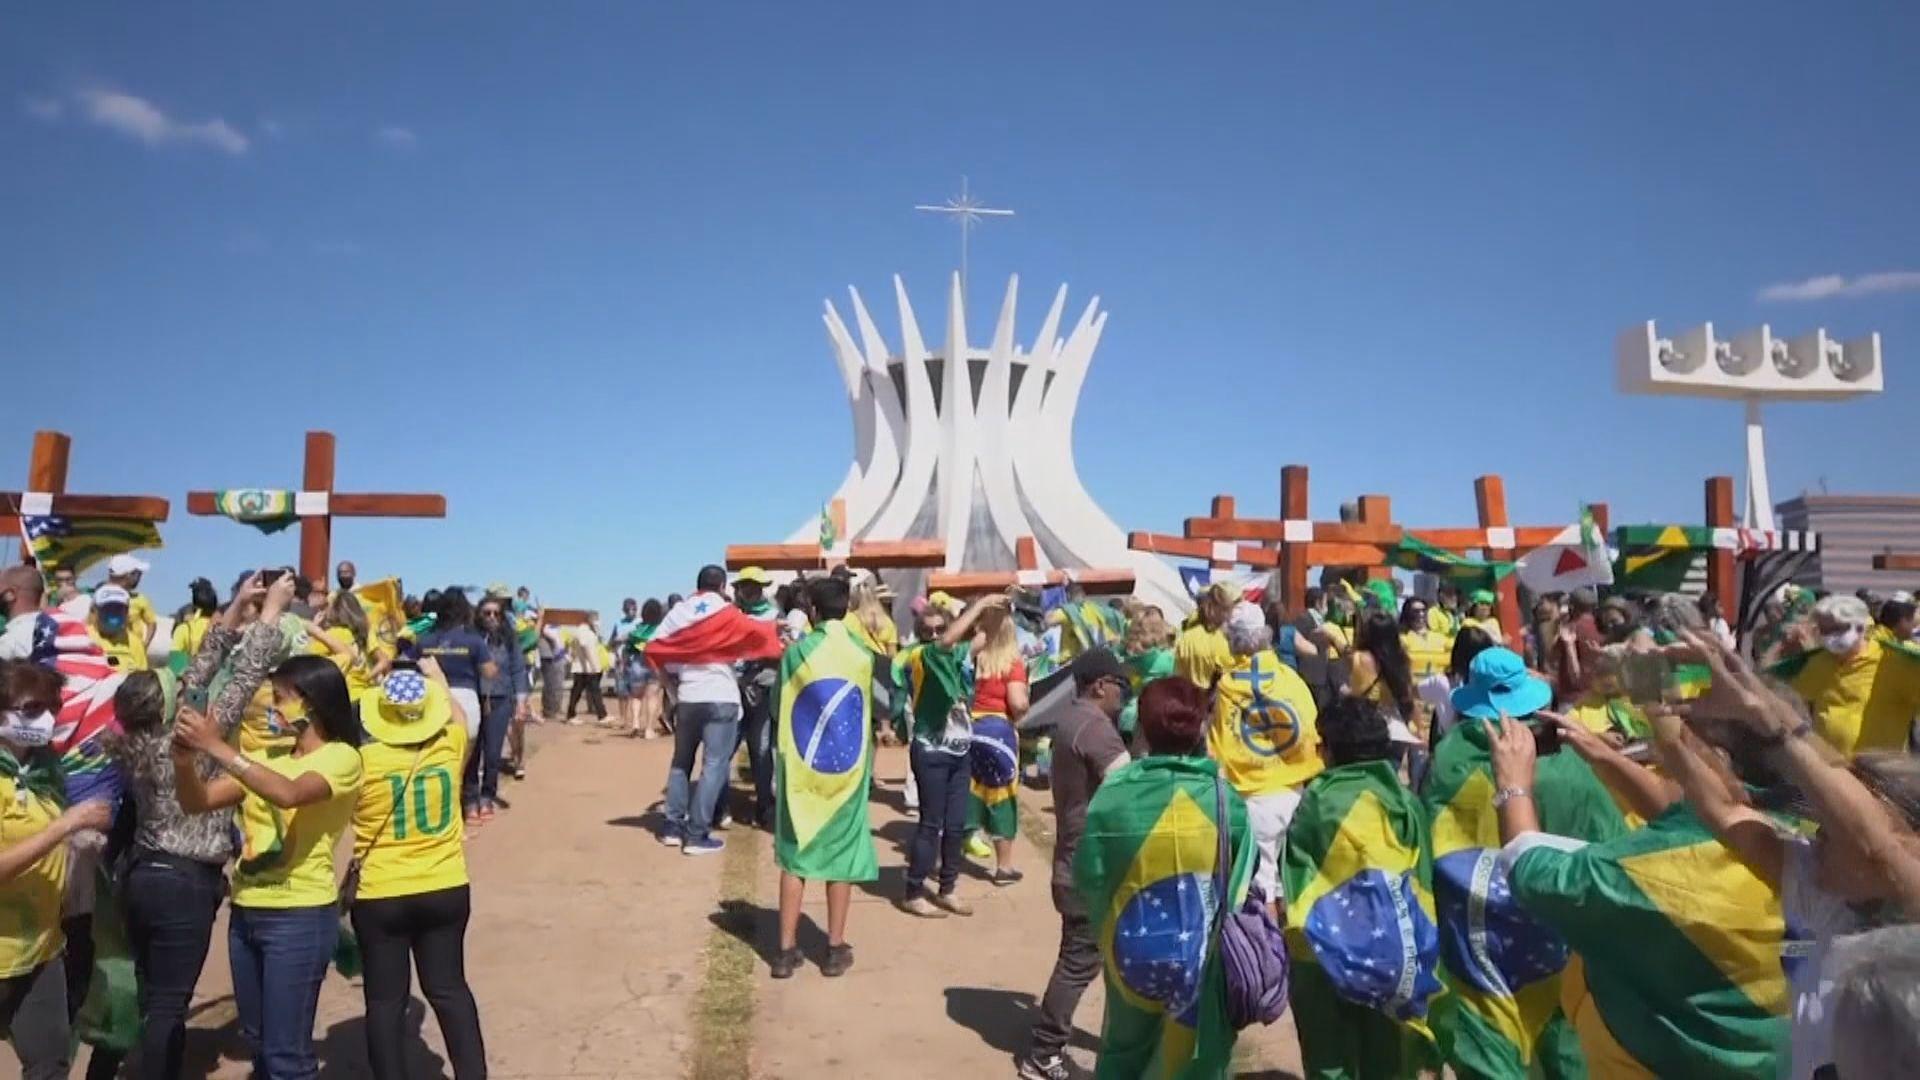 巴西有民眾集會聲援總統博索納羅